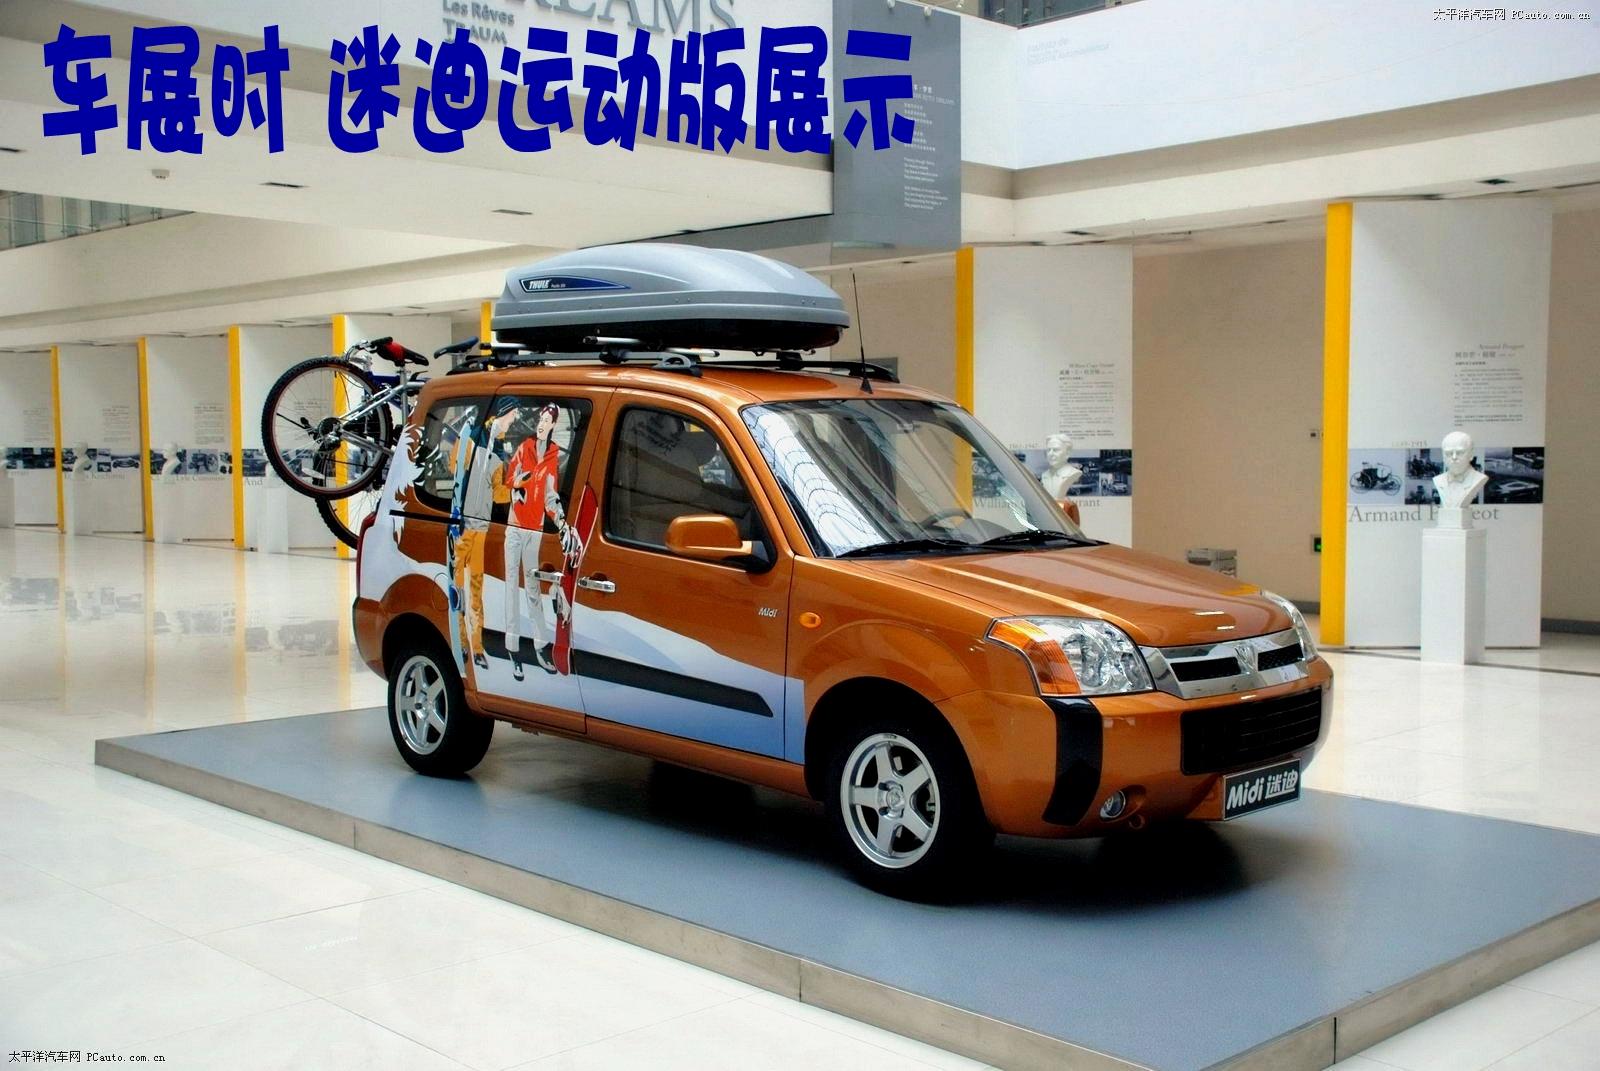 福田商务车 蒙派克 迷迪 风景 4S店招聘销售顾问高清图片